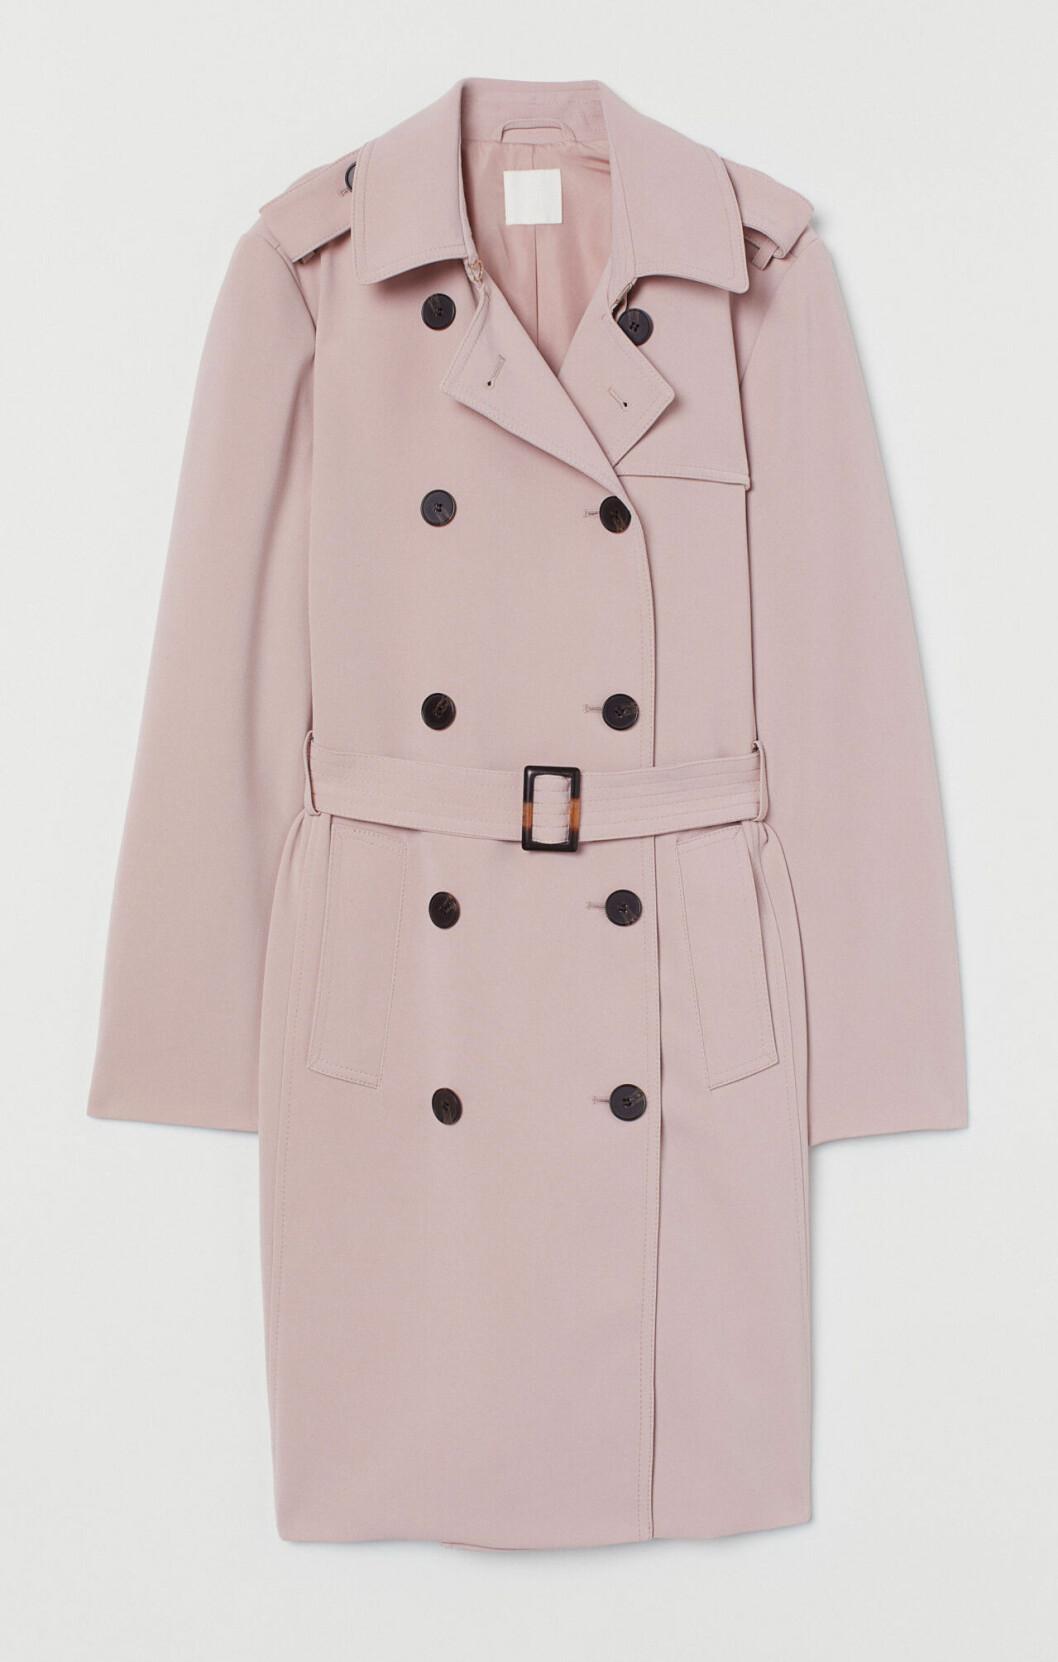 Vårkappa 2020: Ljusrosa trenchcoat från H&M